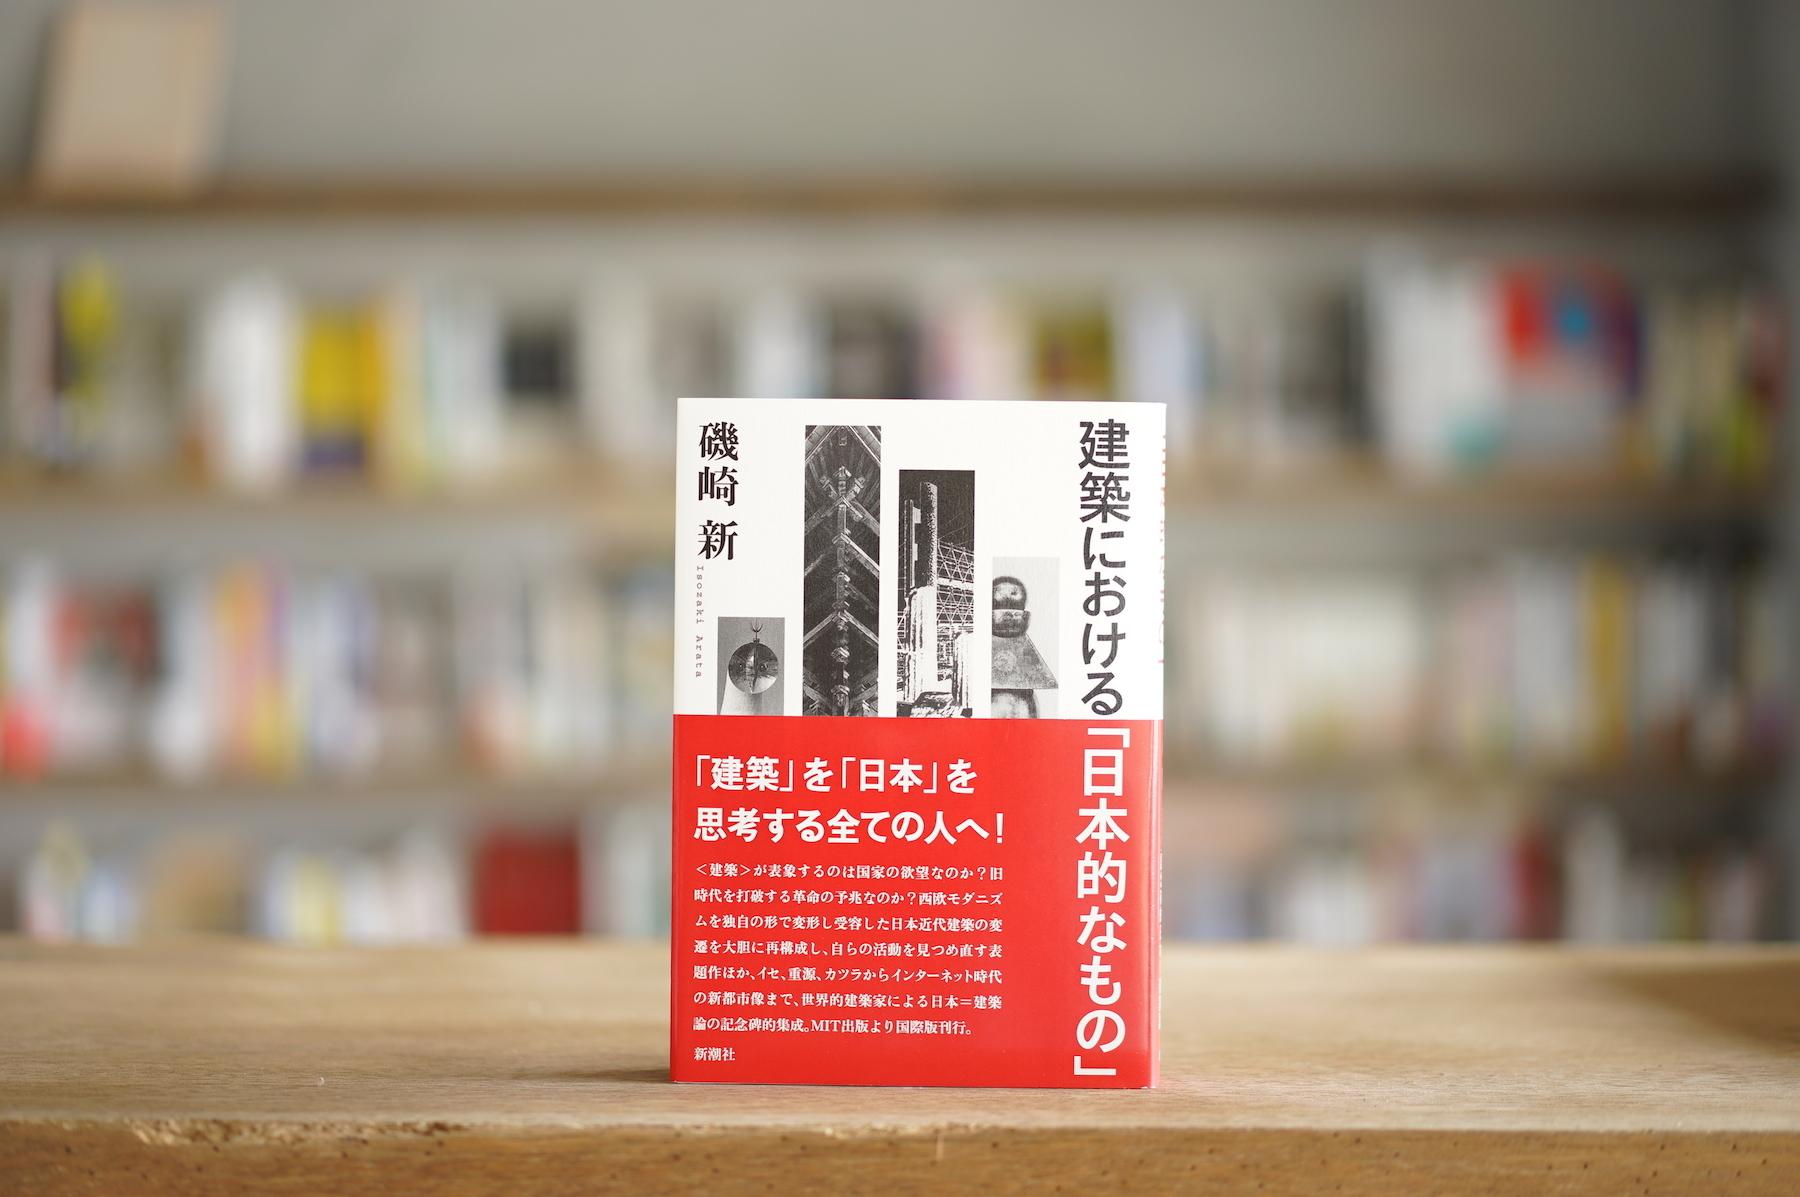 磯崎新 『建築における「日本的なもの」』 (新潮社、2003)